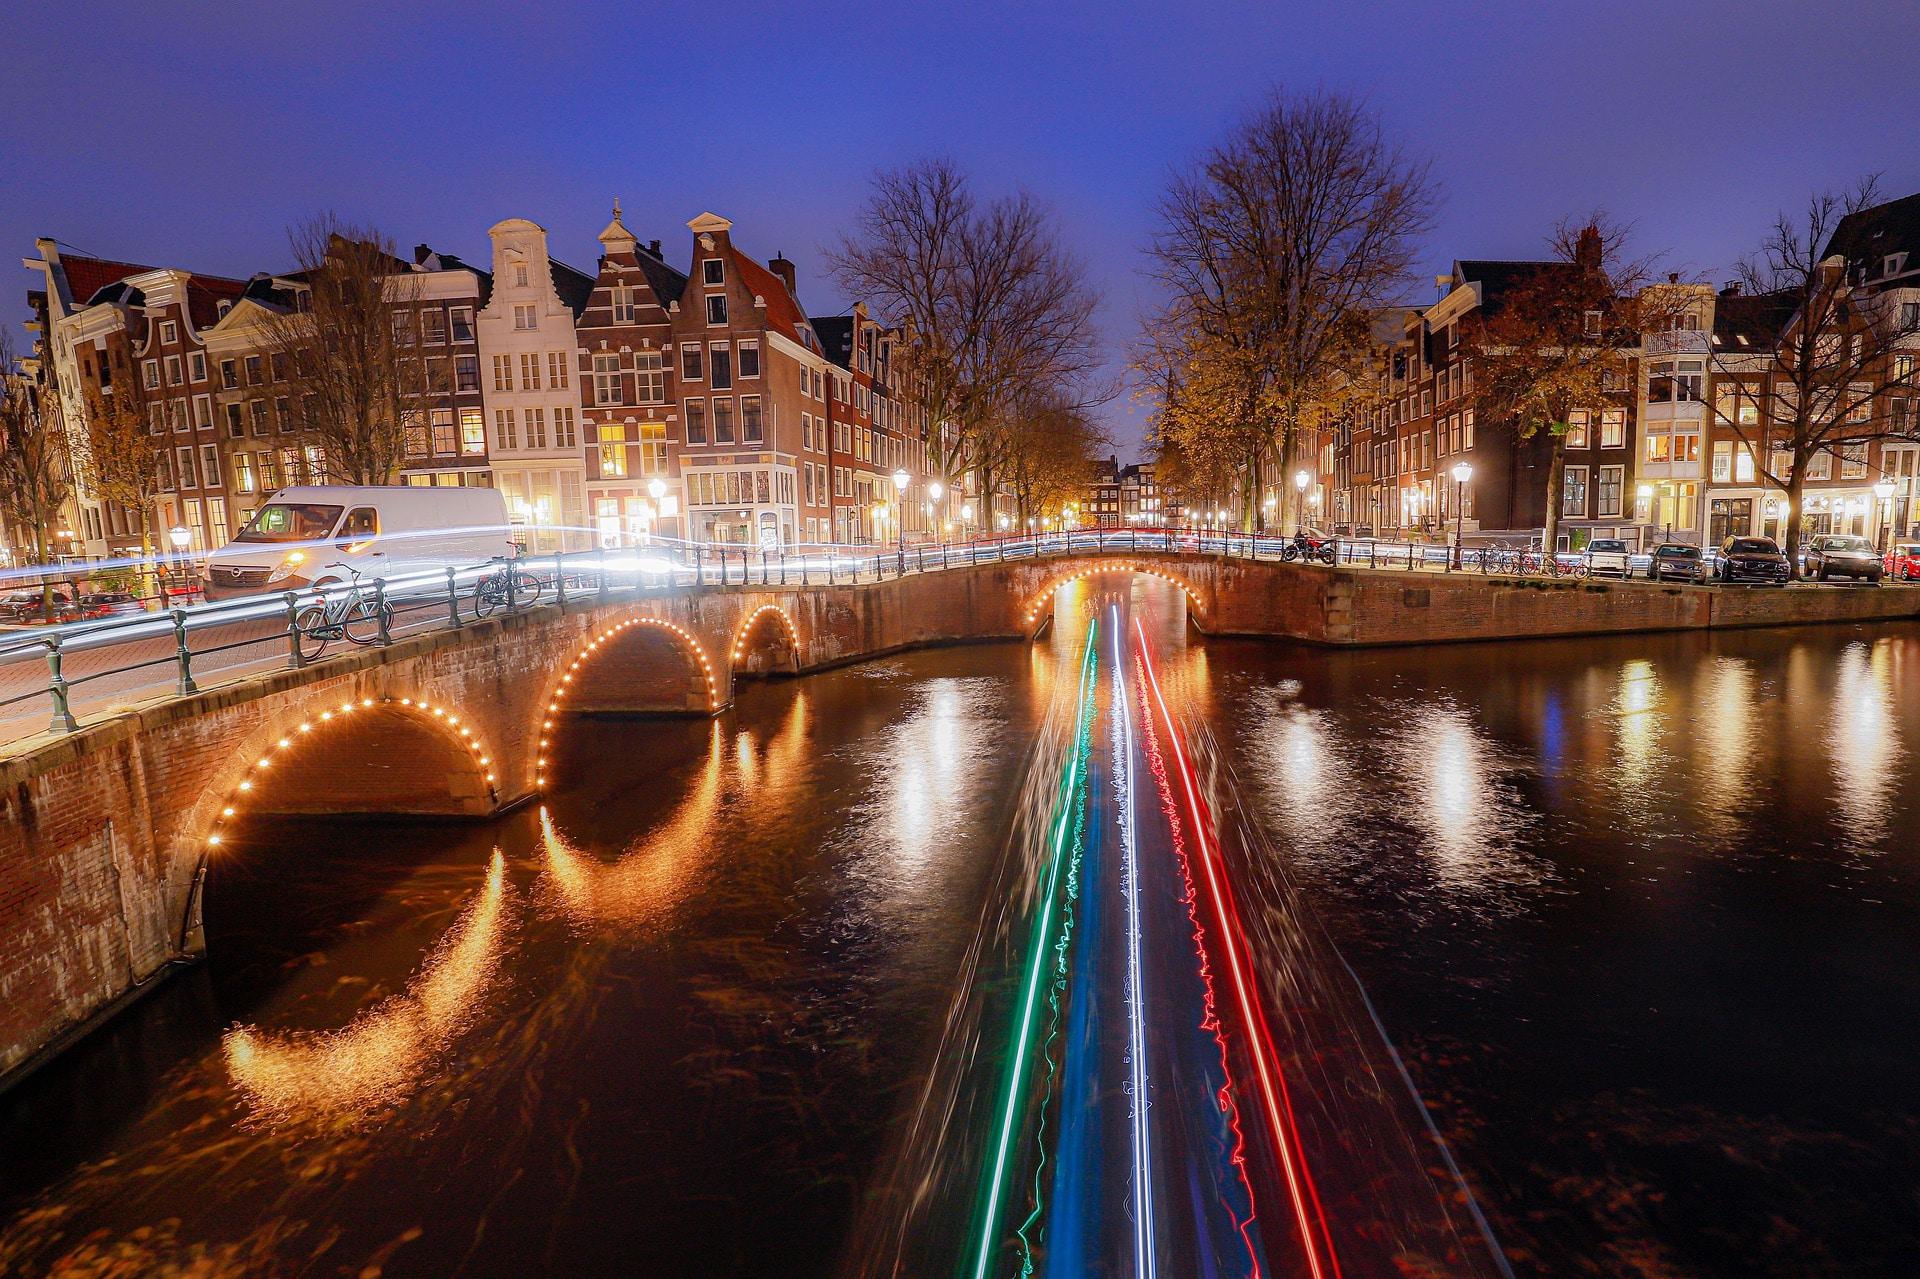 Nación Cannabis | Ámsterdam quiere prohibir la venta de marihuana a turistas